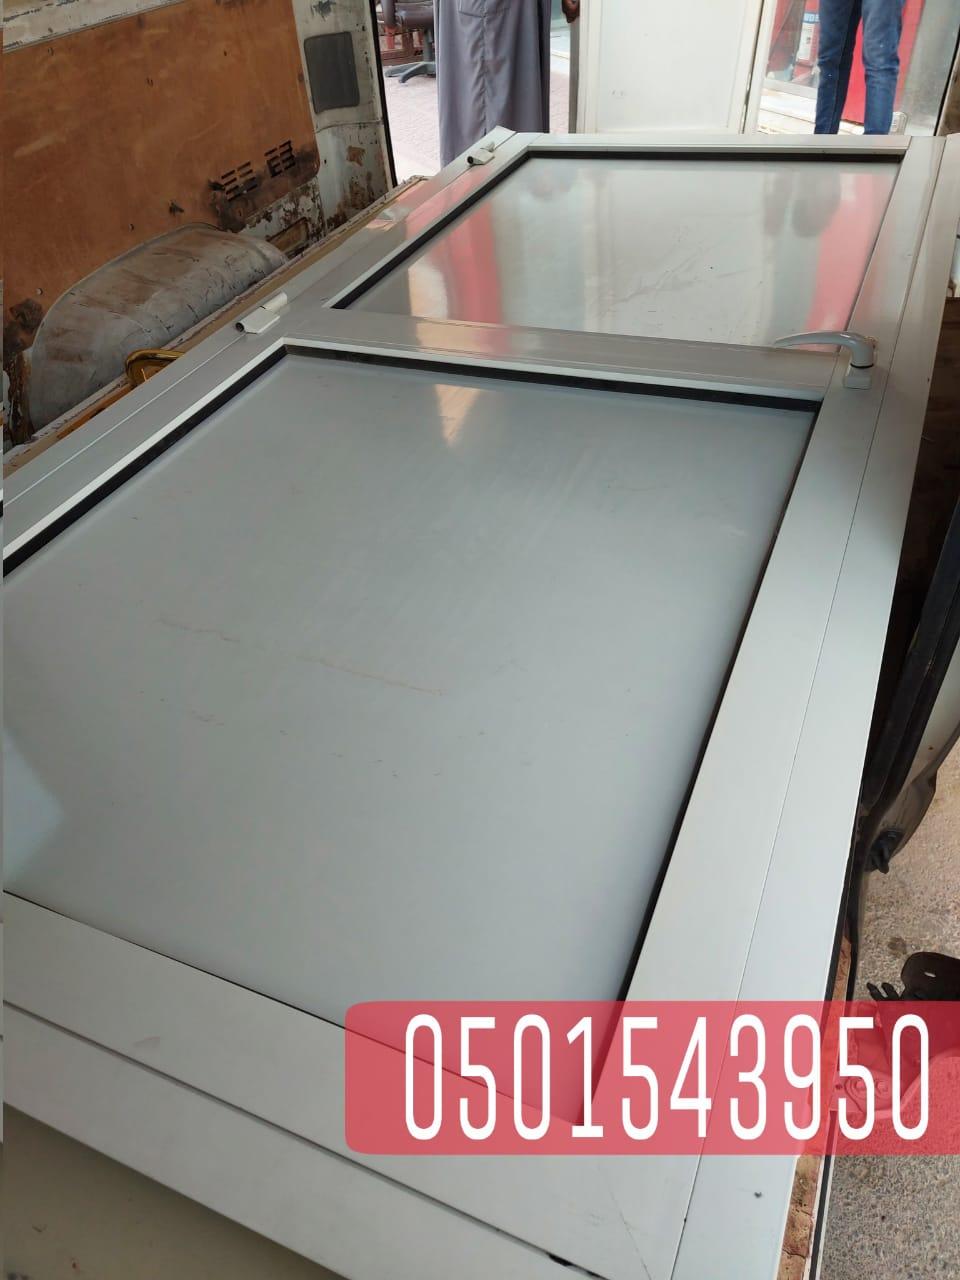 تركيب شتر نوافذ داخلي المنيوم في جدة , 0501543950 P_2077cj2ca4